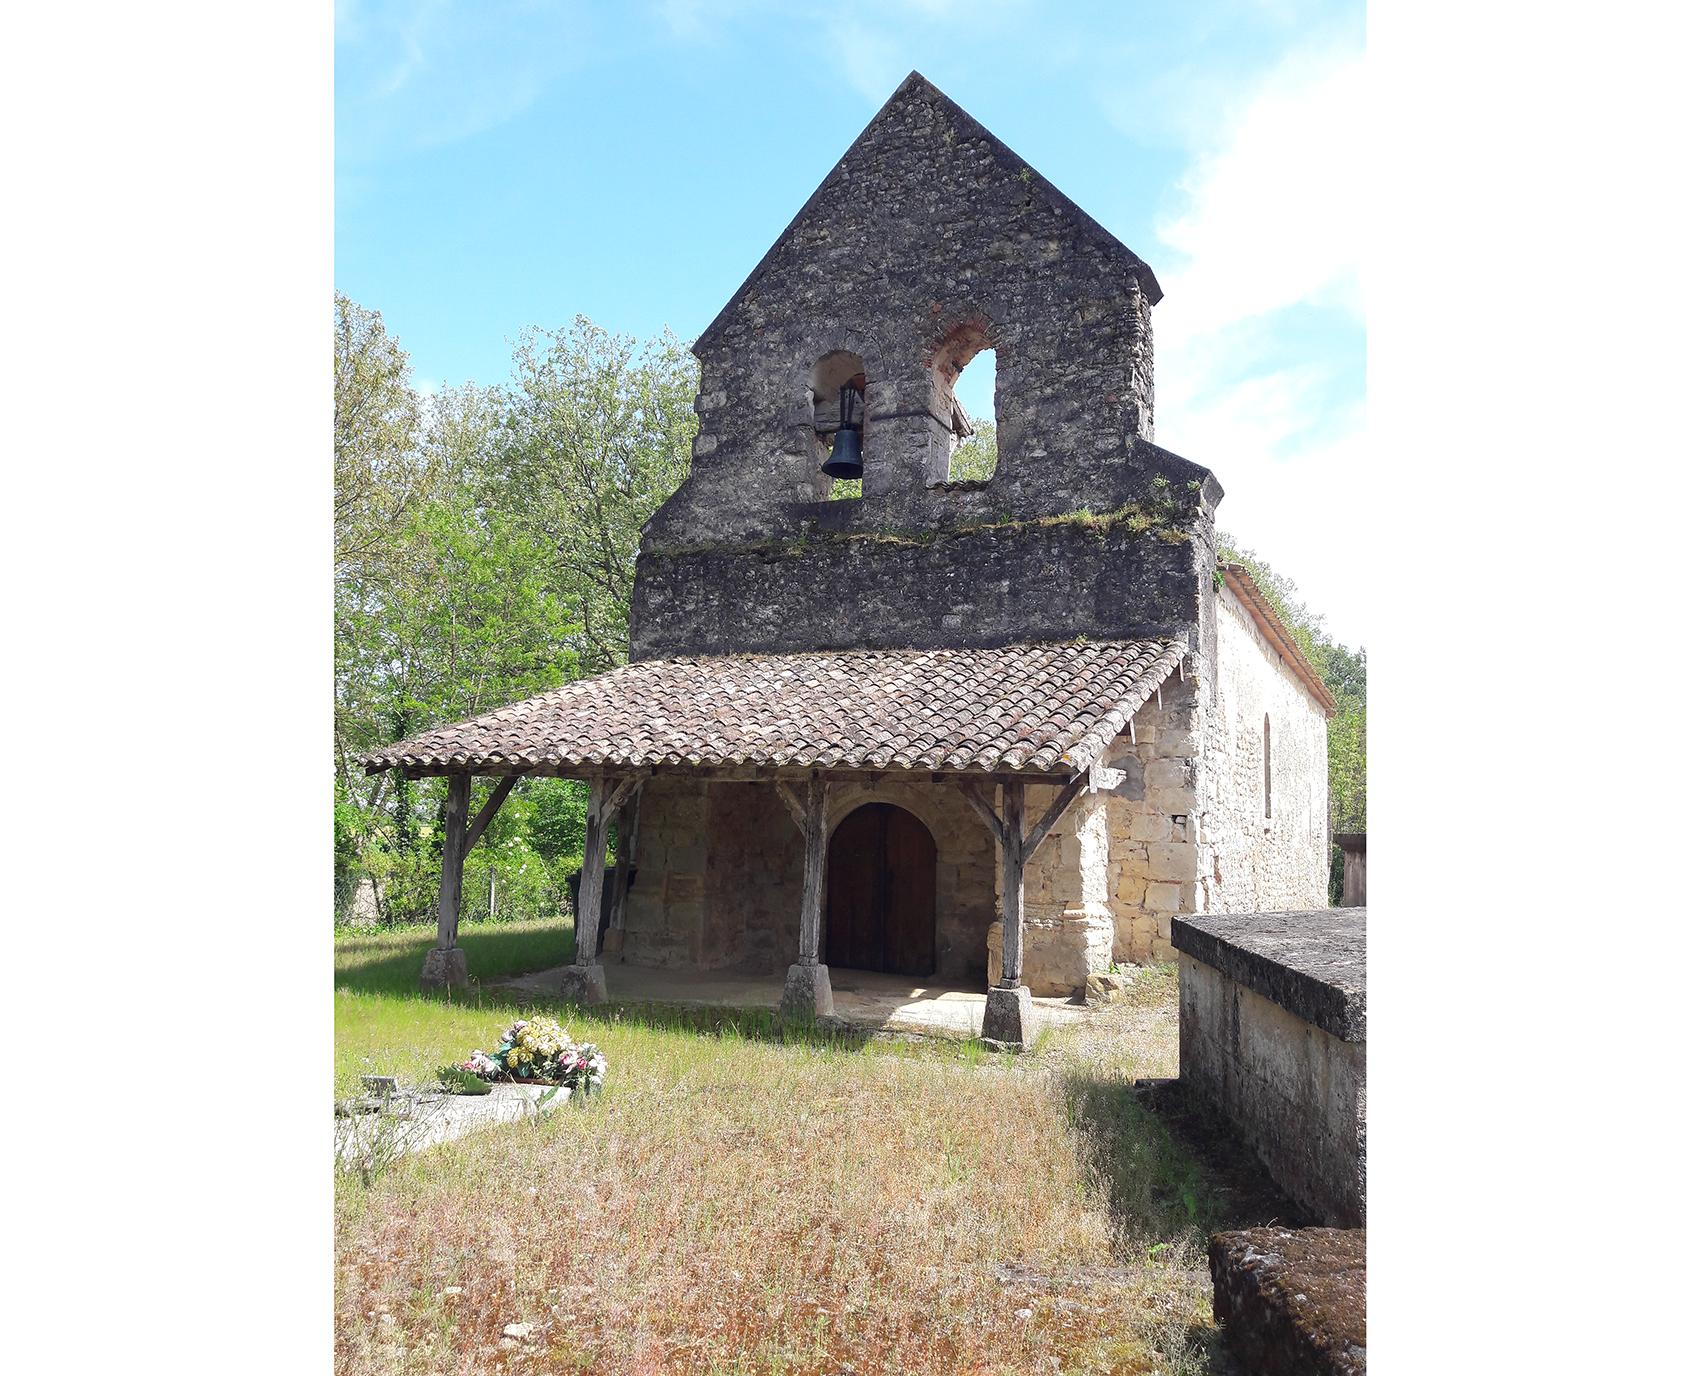 Eglise Saint-Barthélemy de Tersac à Meilhan-sur-Garonne